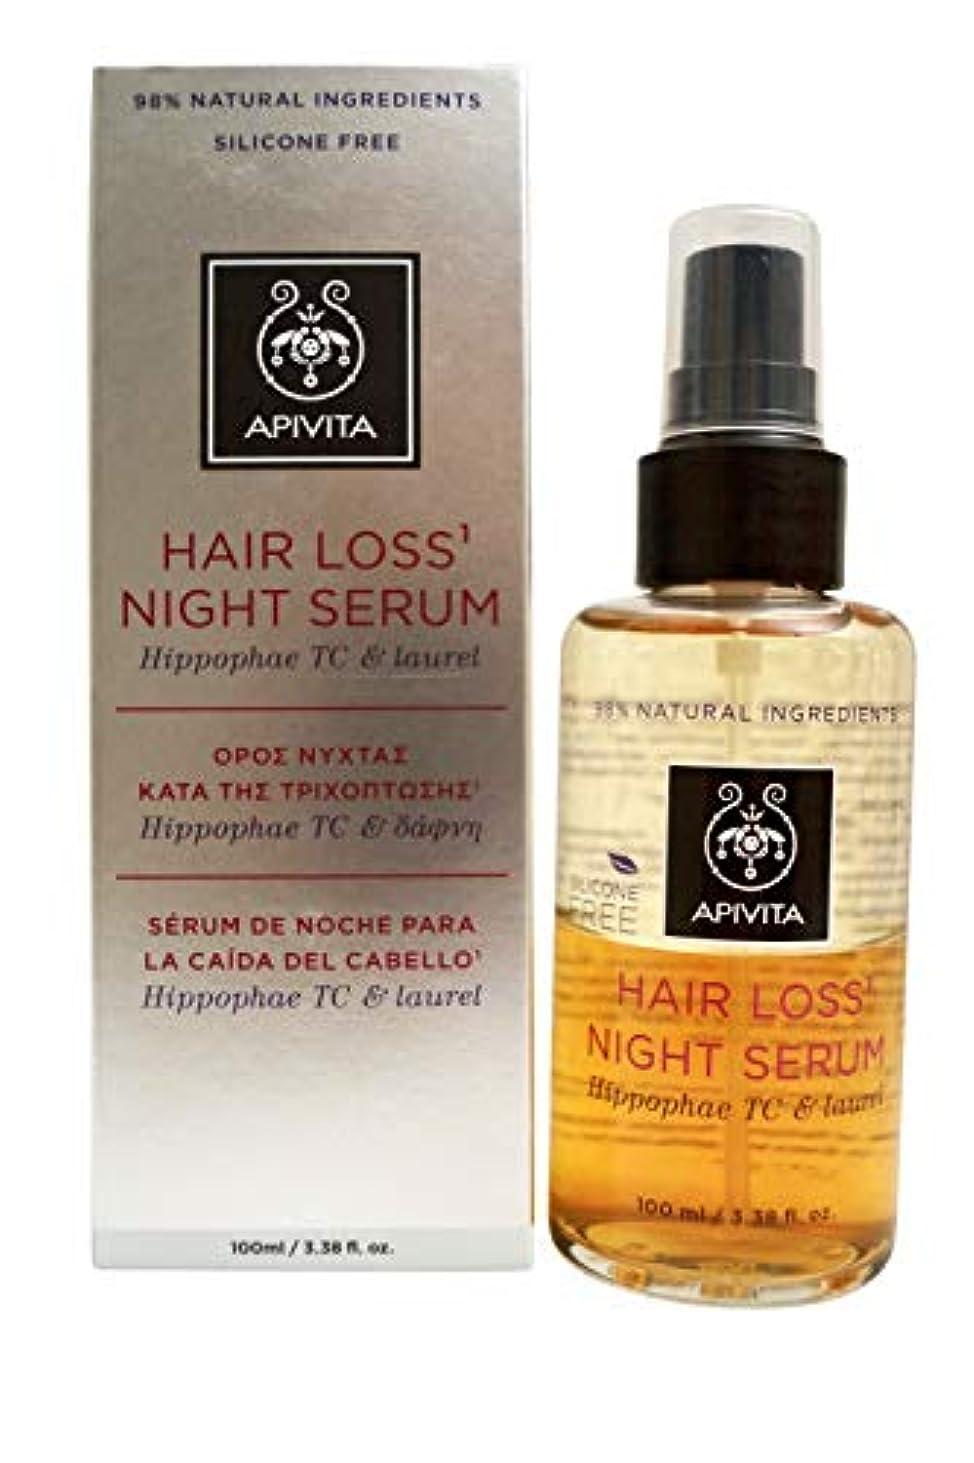 キネマティクス著作権ヒープアピヴィータ Hair Loss Night Serum with Hippophae TC & Laurel 100ml [並行輸入品]